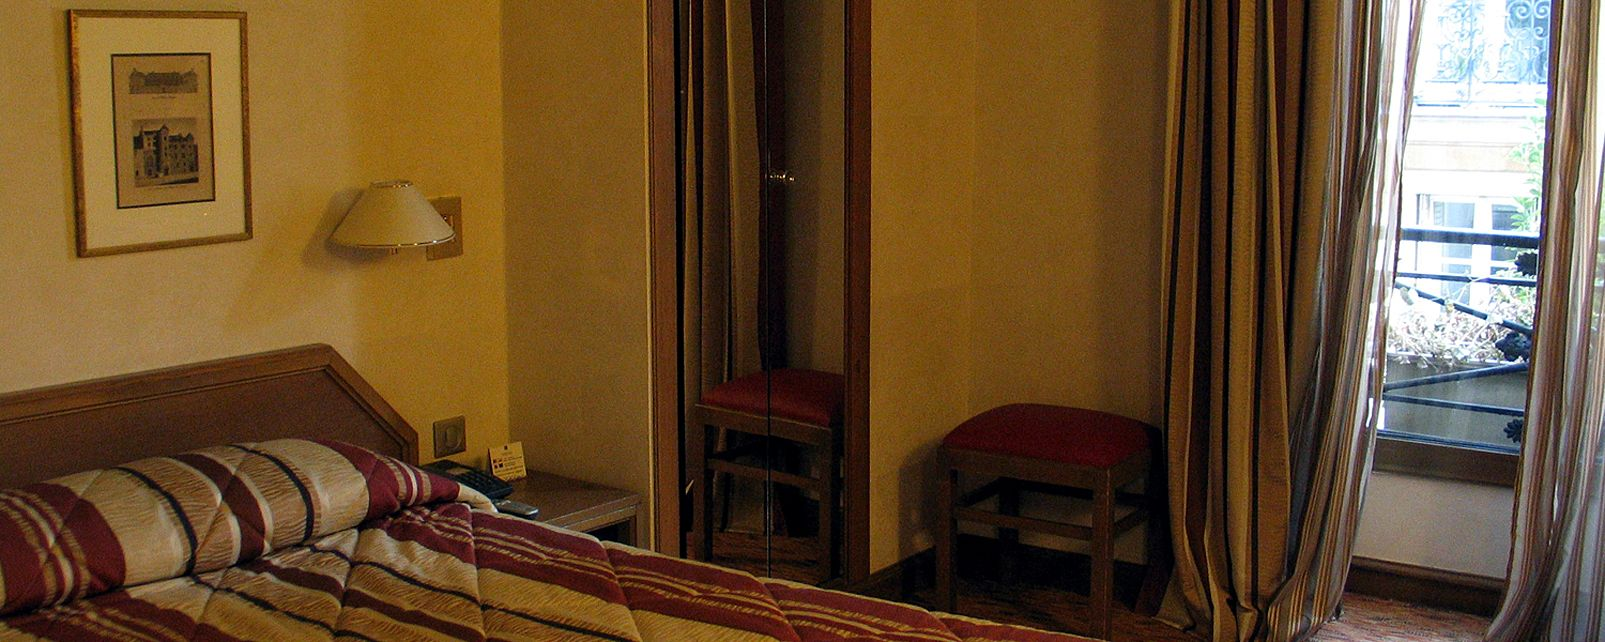 Hotel Touraine Opera Paris In